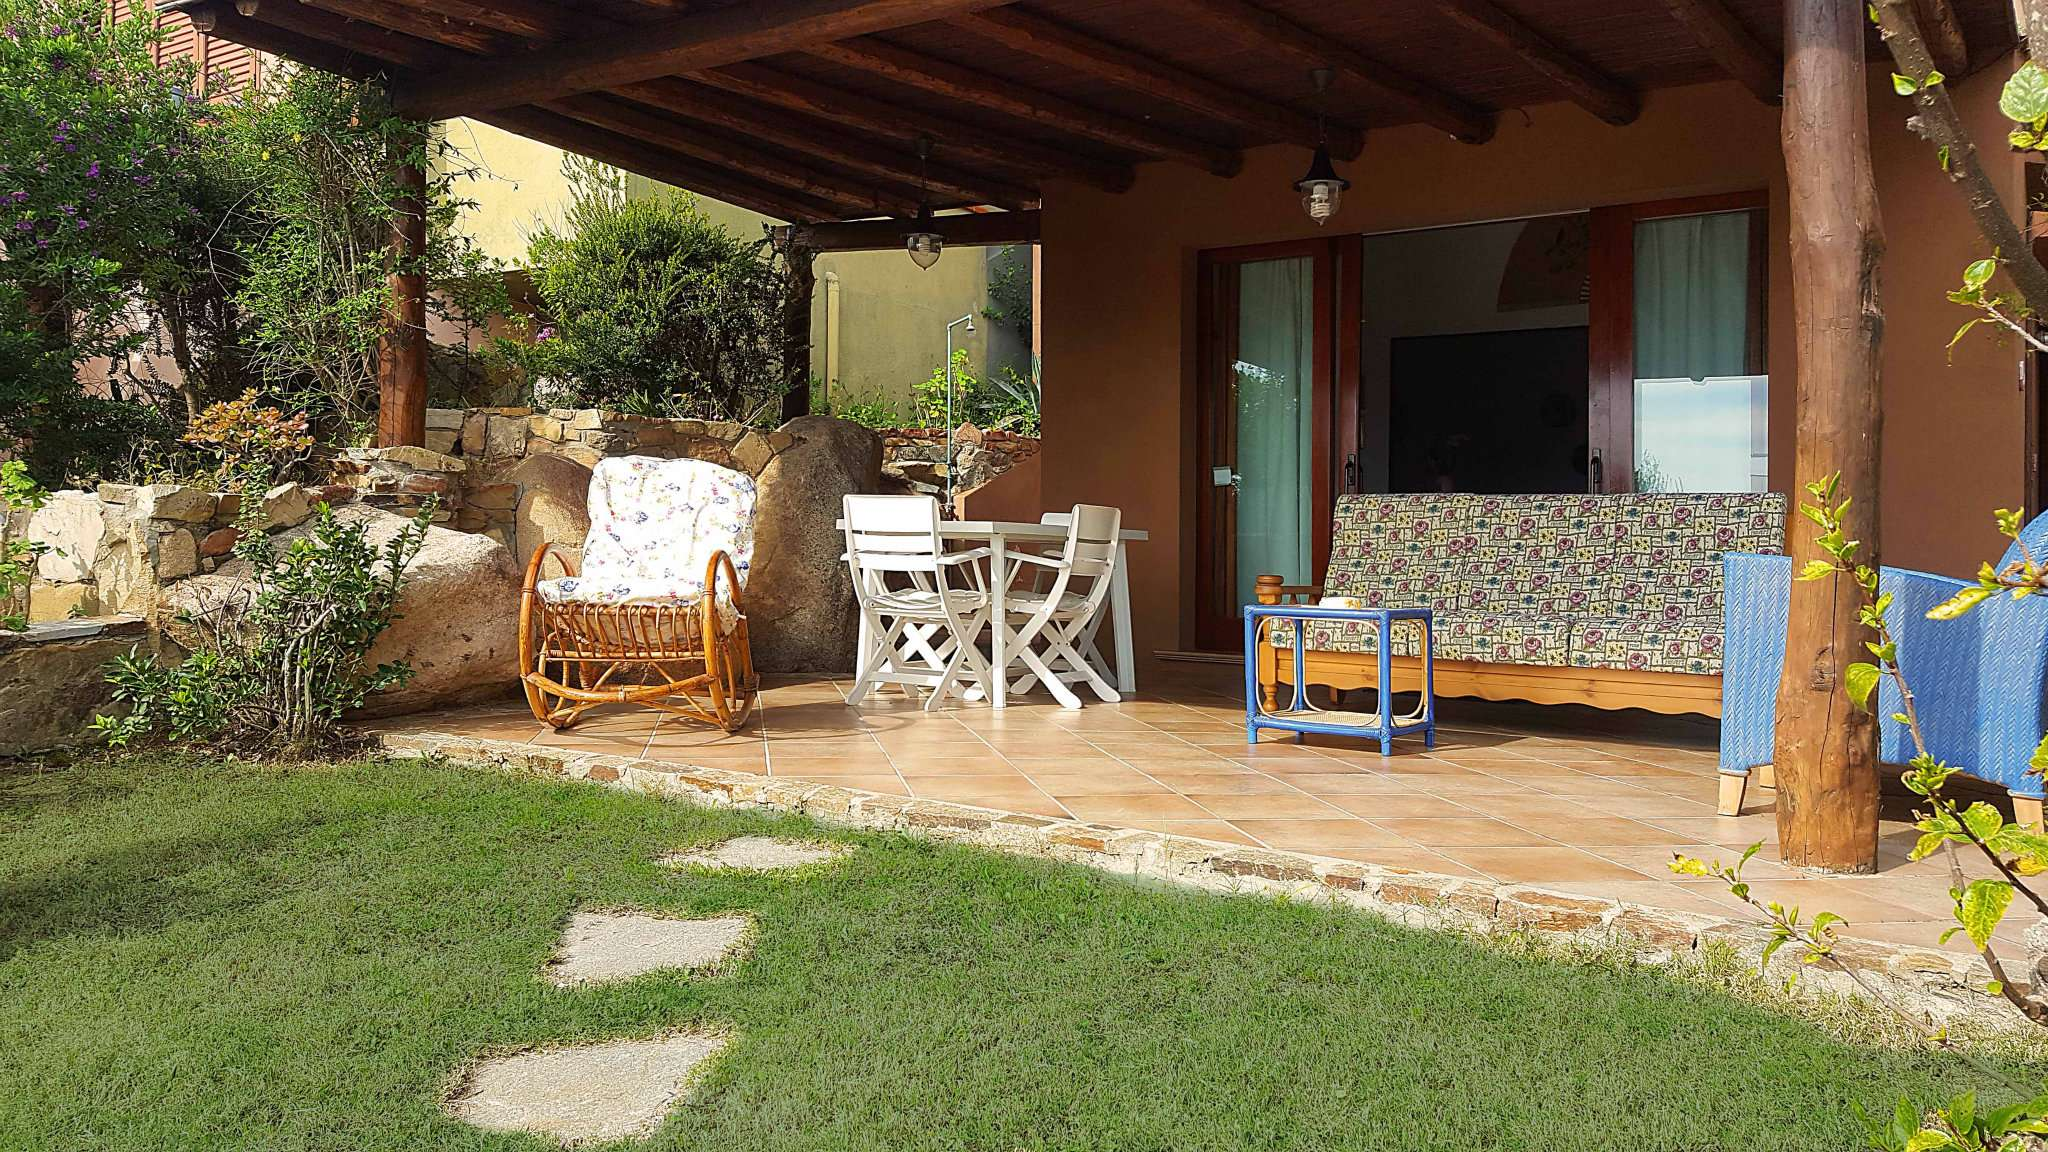 Villasimius appartamento con giardino di proprietà di 6/8 posti letto Rif.10664955